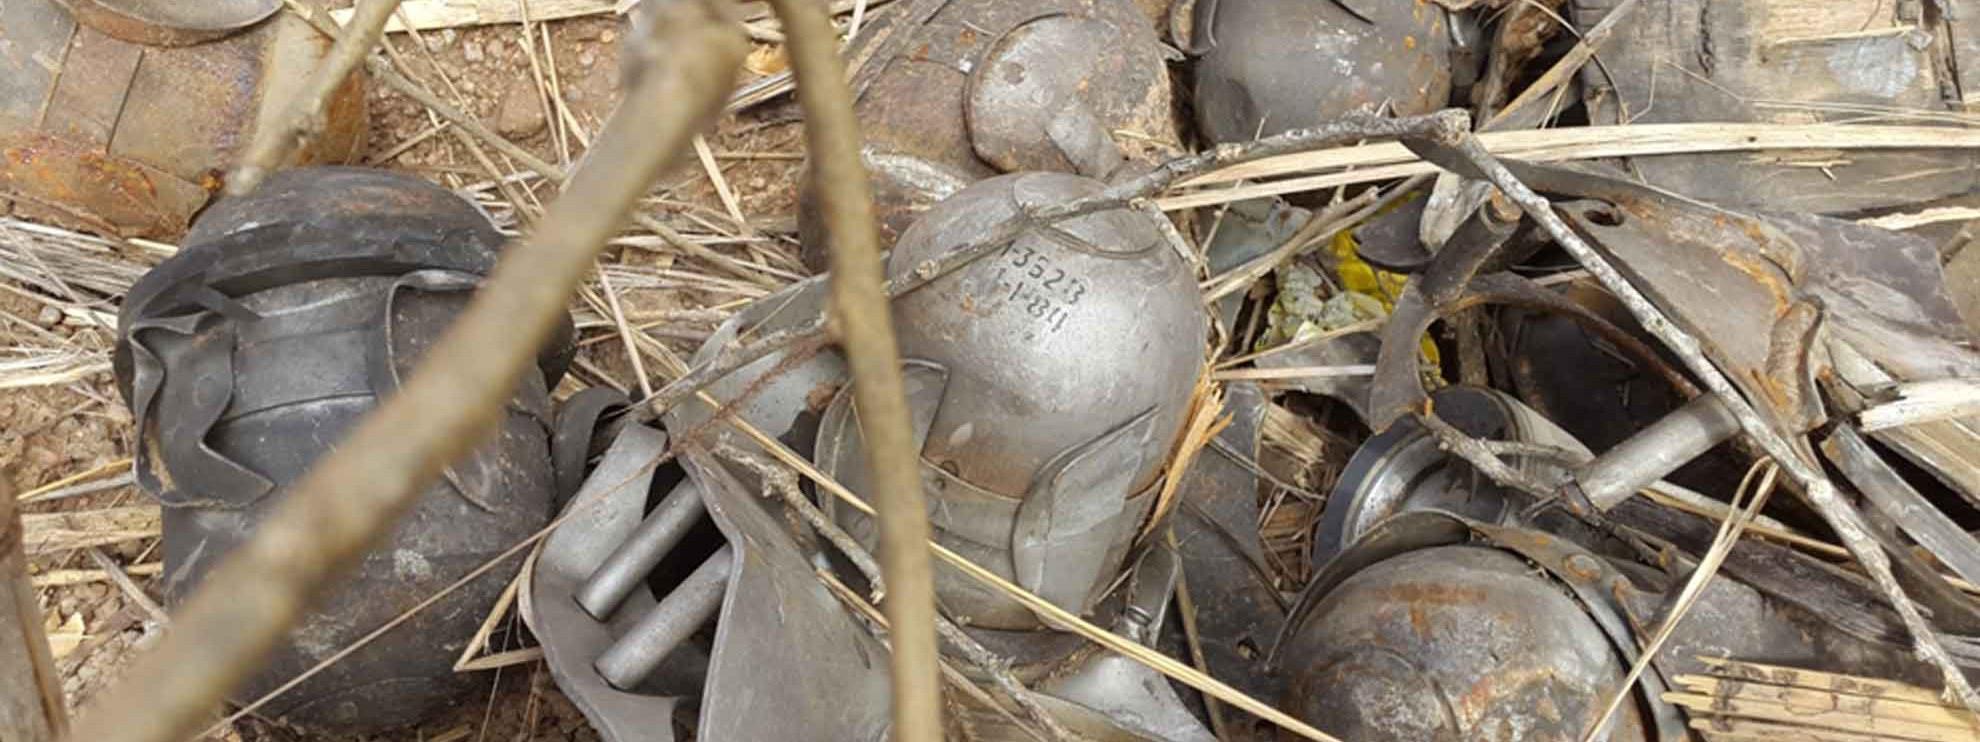 Überreste einer Cluster-Bombe, gefunden in einem Haus in Süd Kordofan, Sudan. Februar 2015. © Amnesty International